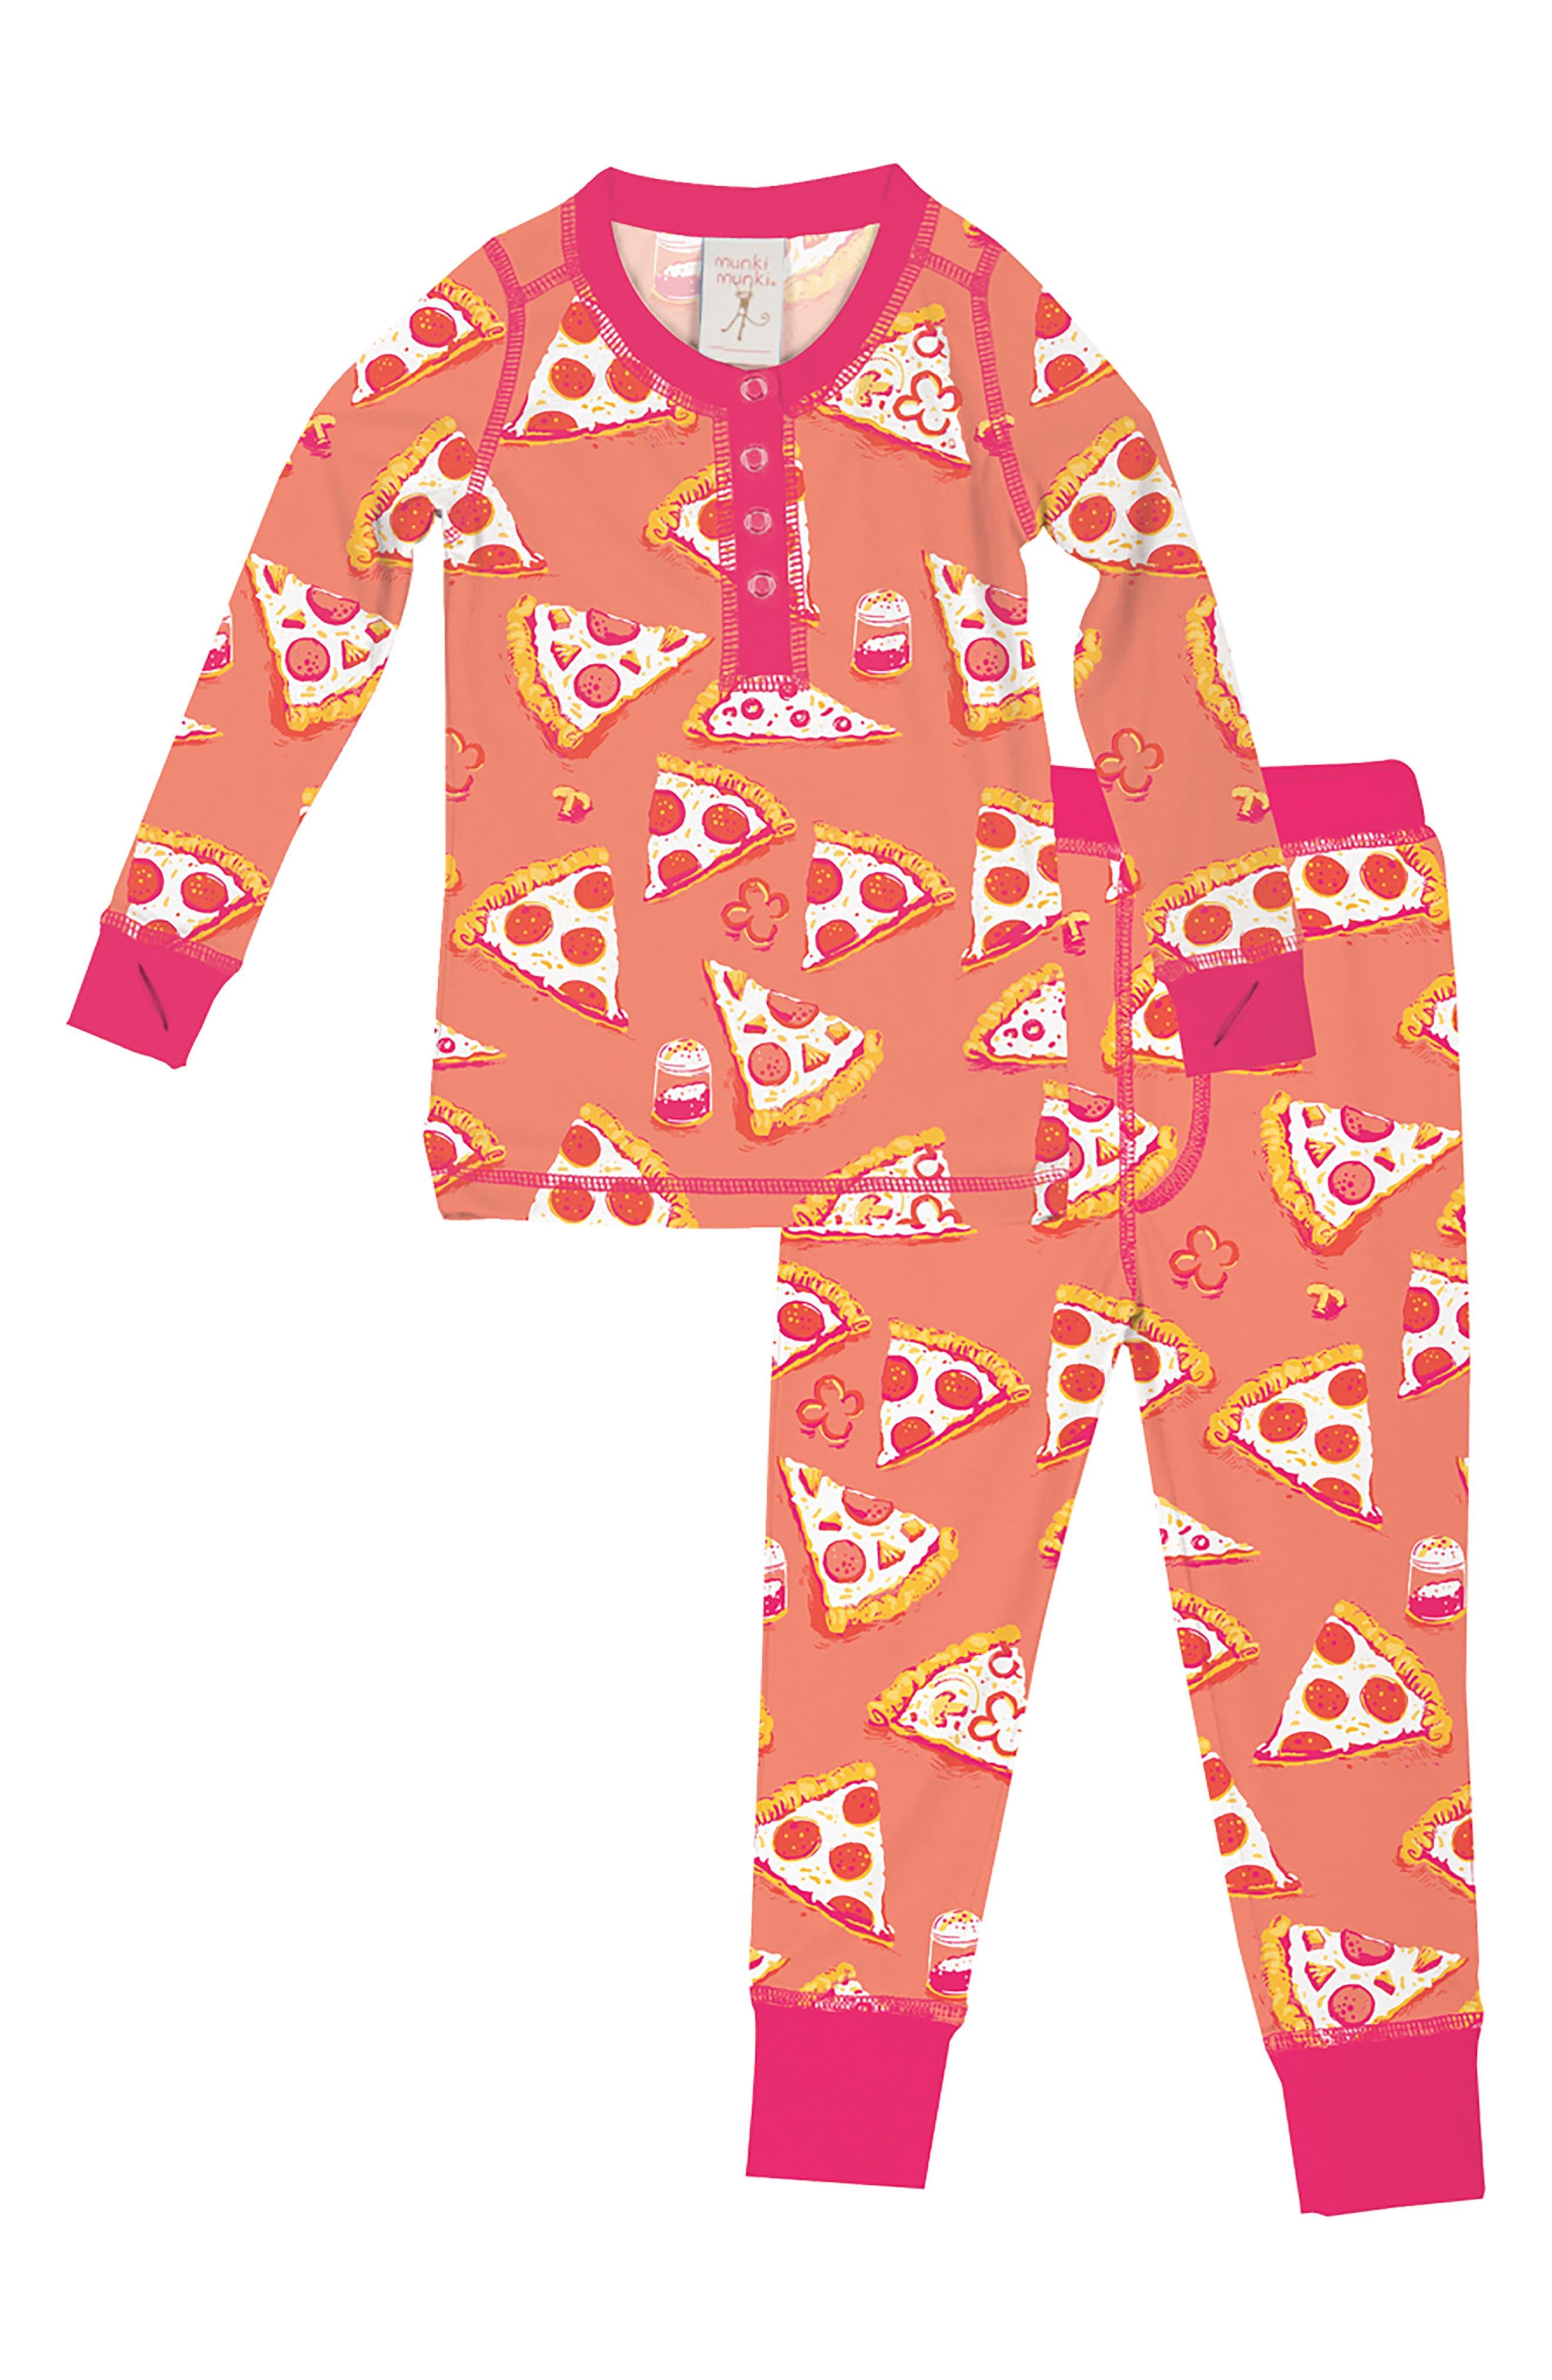 Toddler Girls Munki Munki Pizza Fitted TwoPiece Pajamas Size 2  Orange